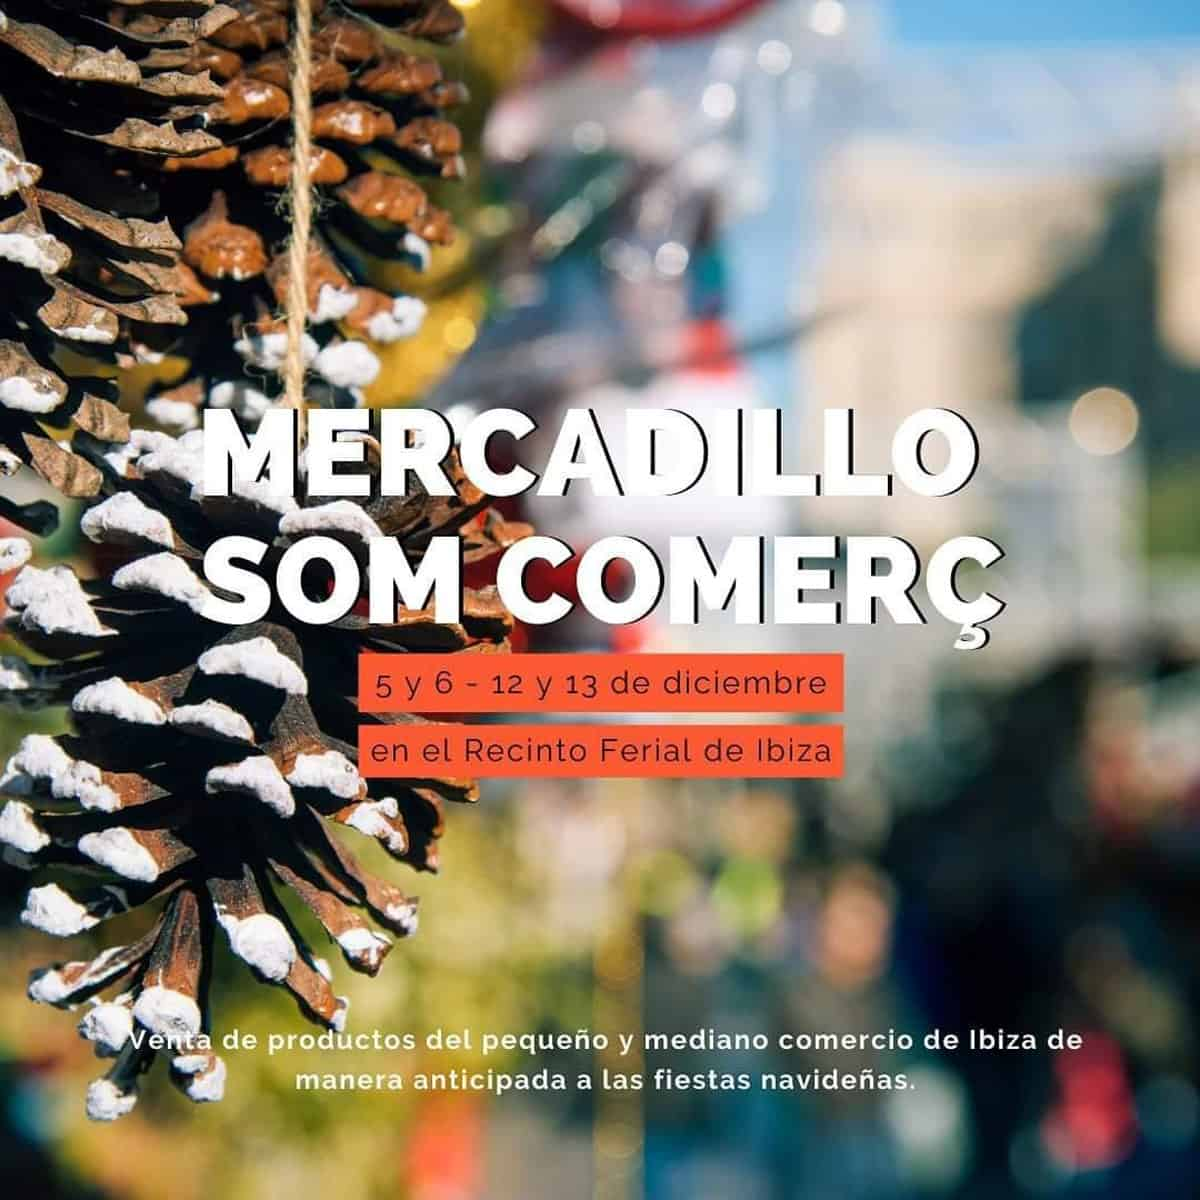 mercadillo-som-comerc-mercadillo-navidad-ibiza-2020-welcometoibiza